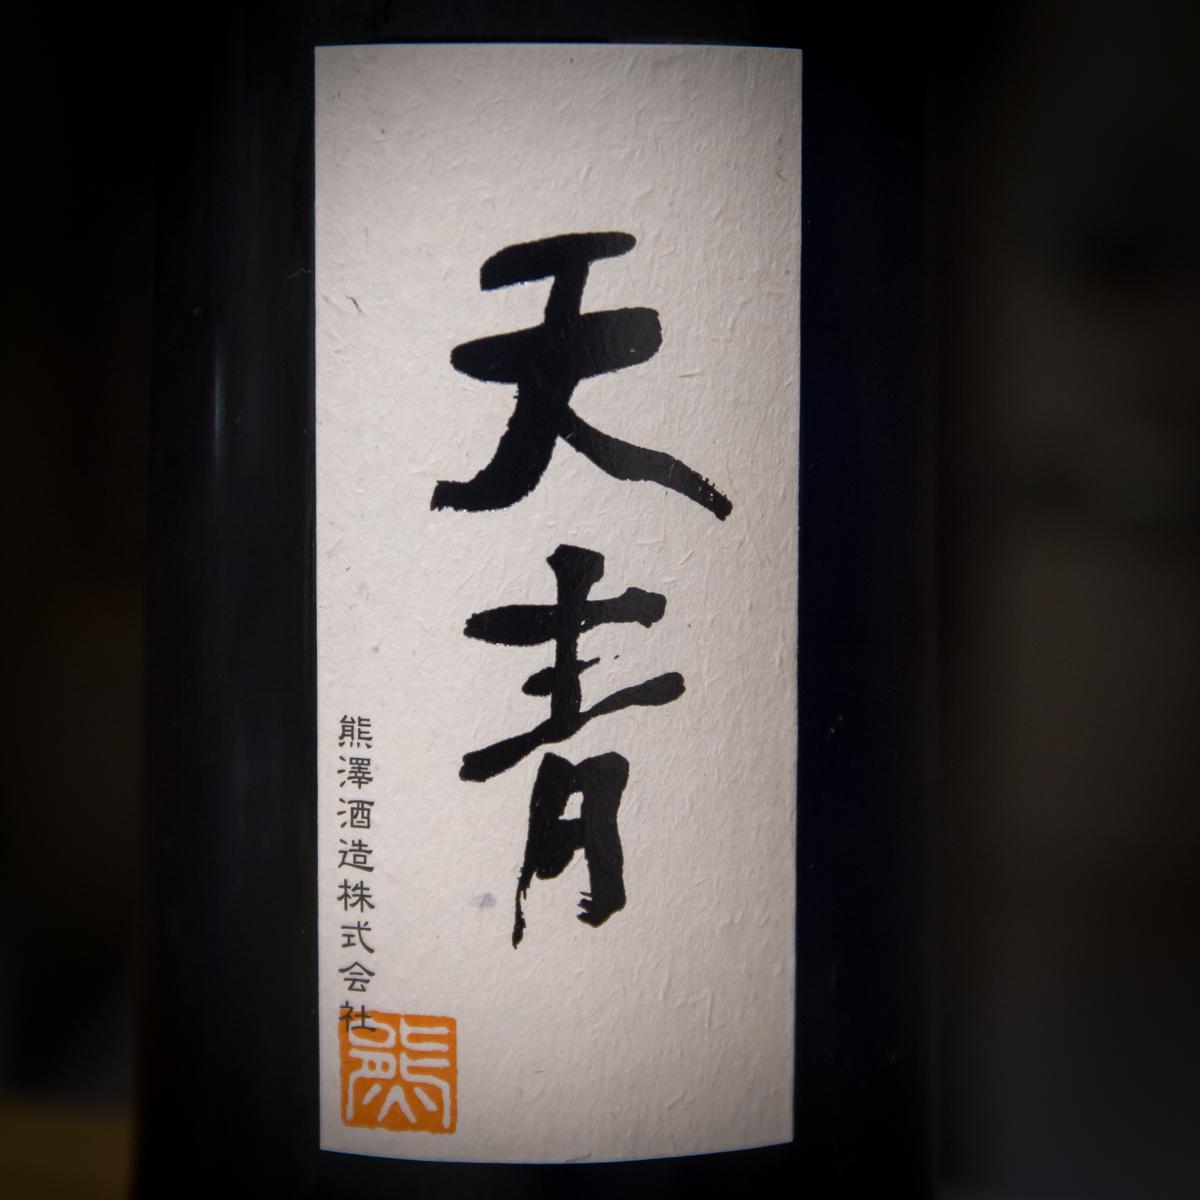 超王祿&天青(6)